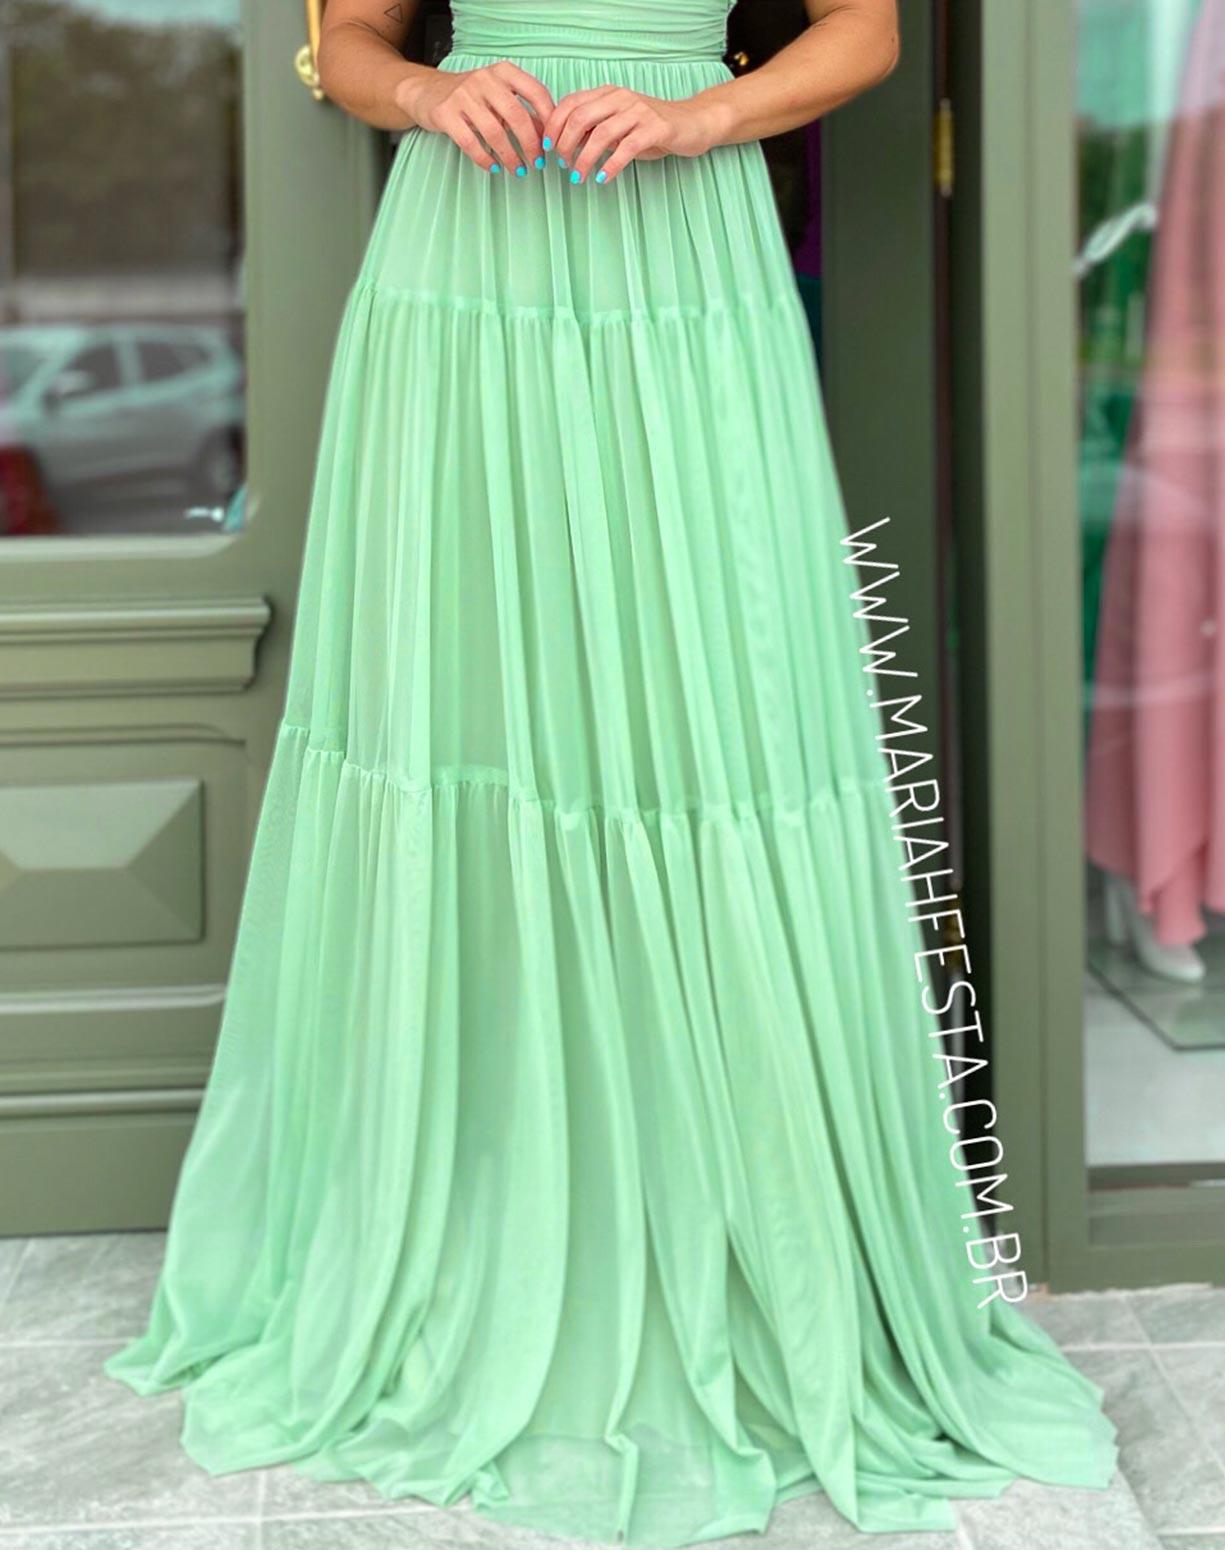 Vestido Verde Pistache Tomara que Caia em Tule